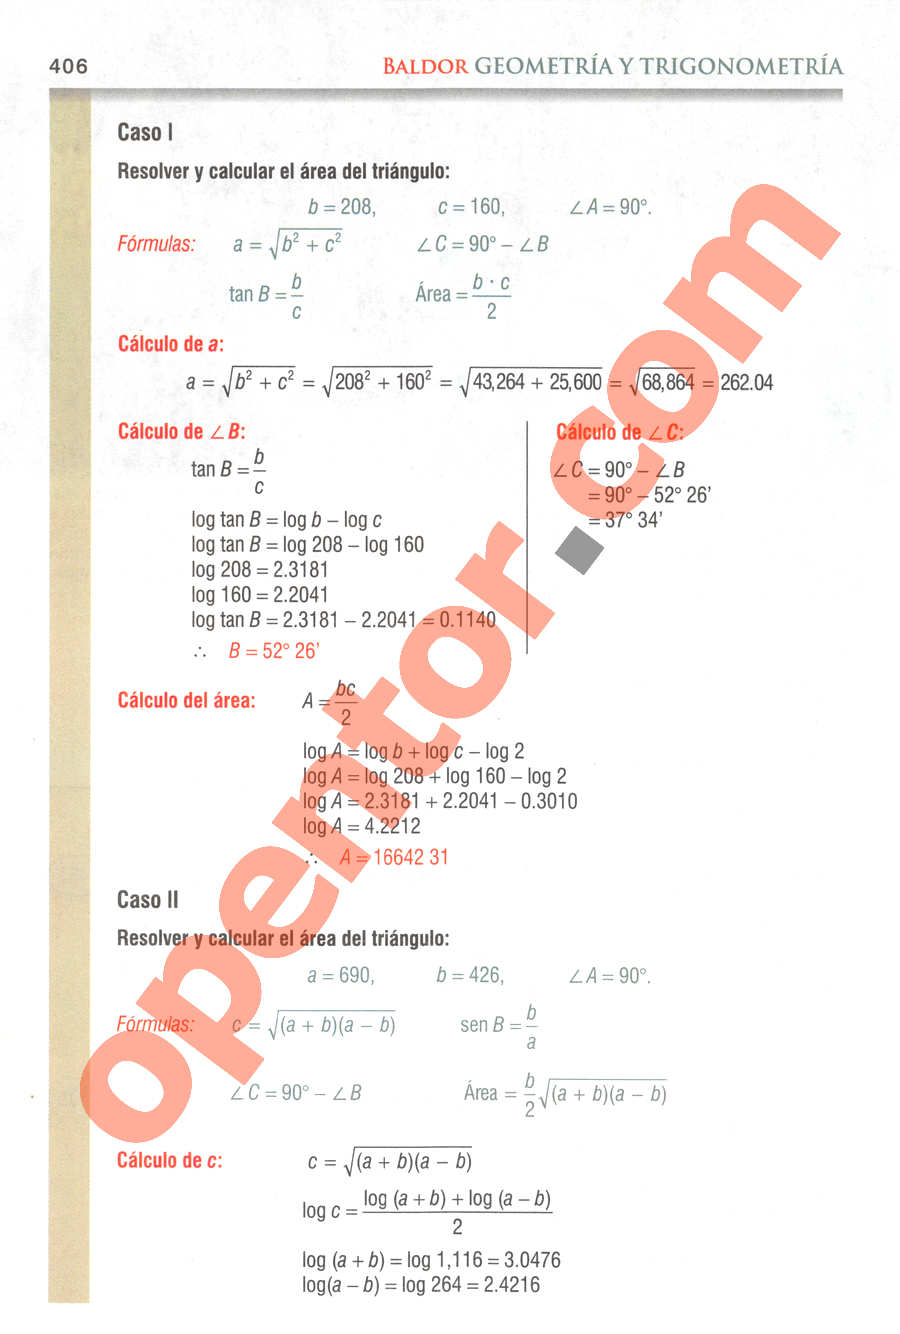 Geometría y Trigonometría de Baldor - Página 406